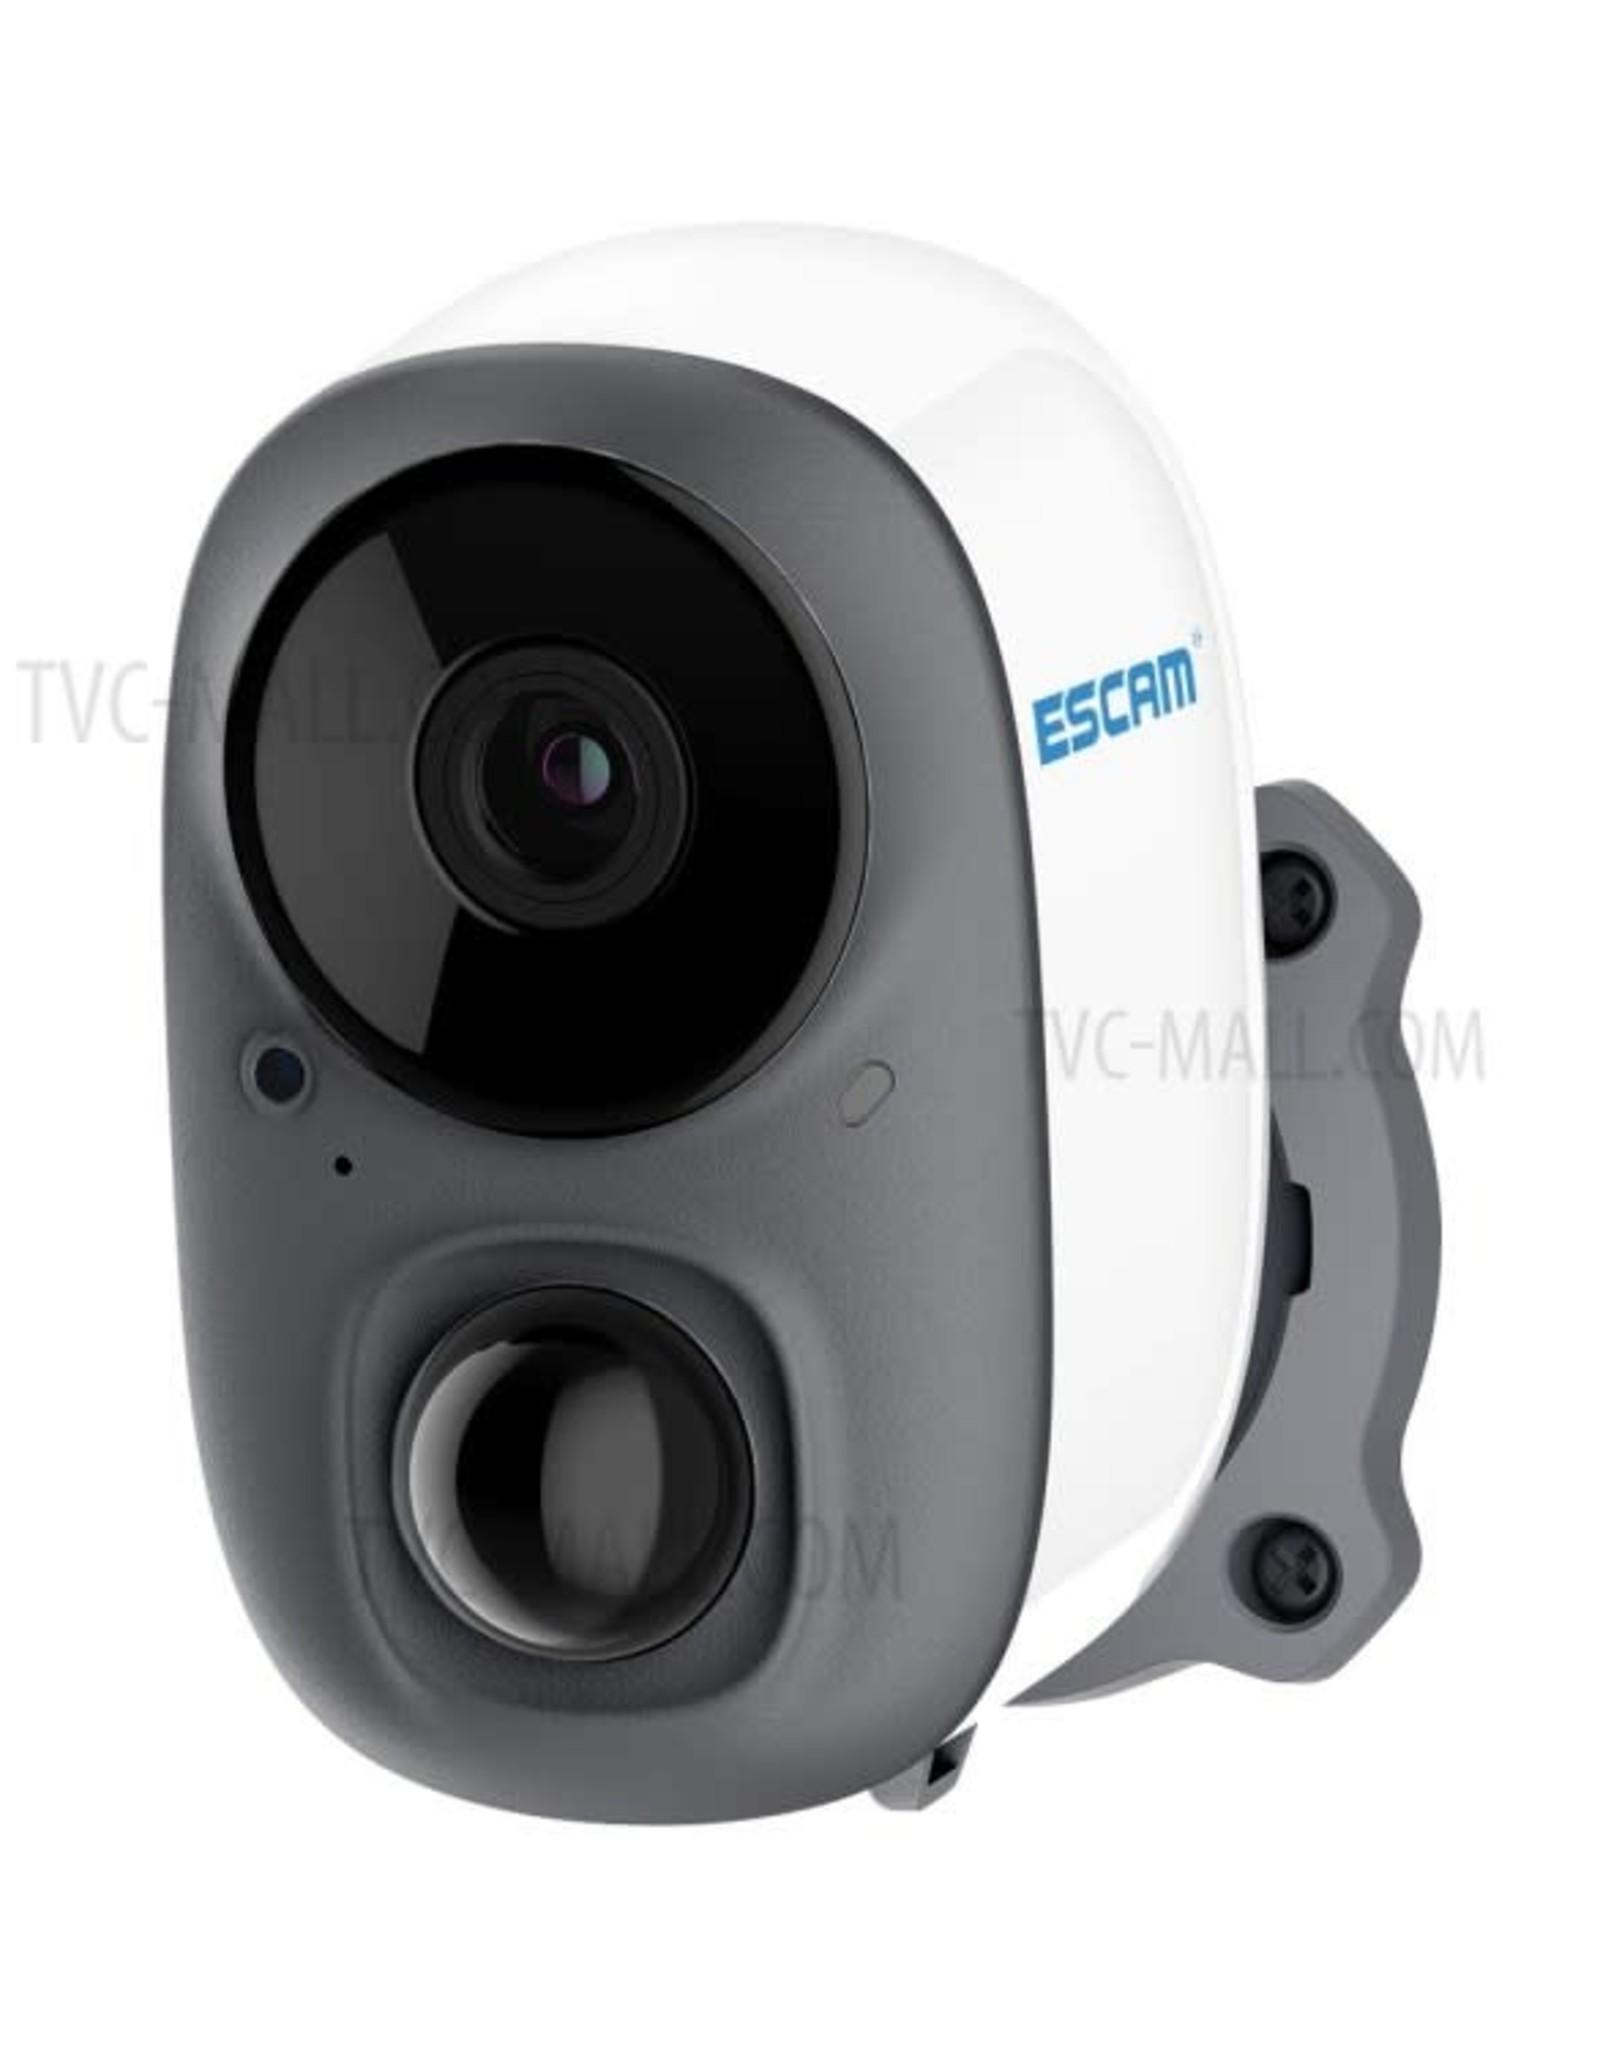 ESCAM G15 1080P Wireless WiFi AI Camera Home Security Night Vision CCTV Camera Webcam